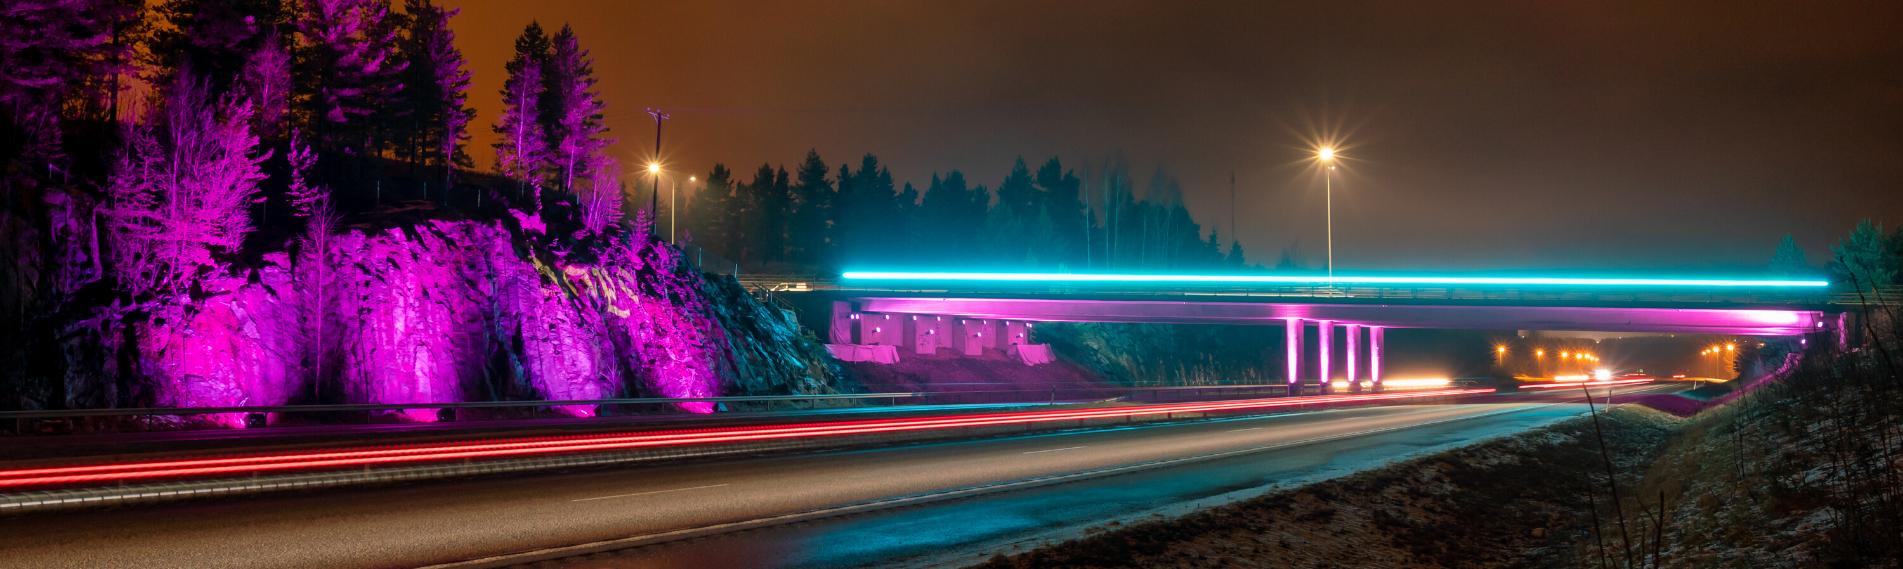 Cameo Lichtkunst Autobahn